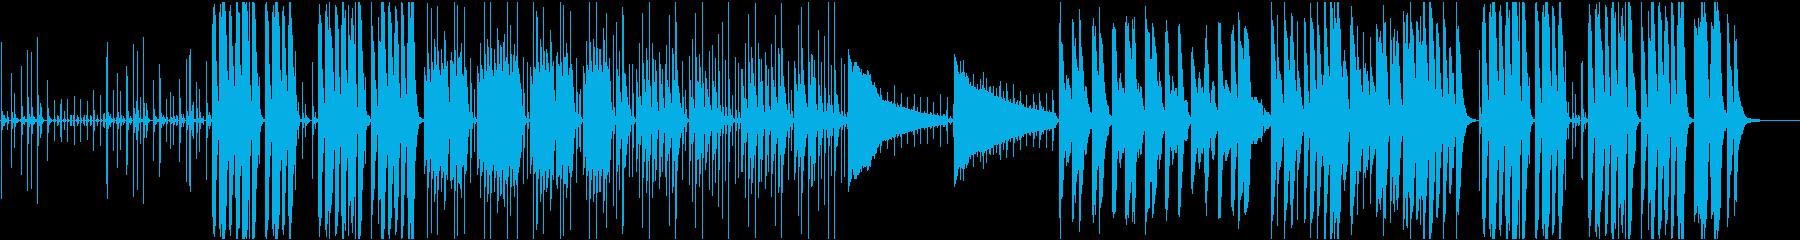 企業VP52 16bit48kHzVerの再生済みの波形